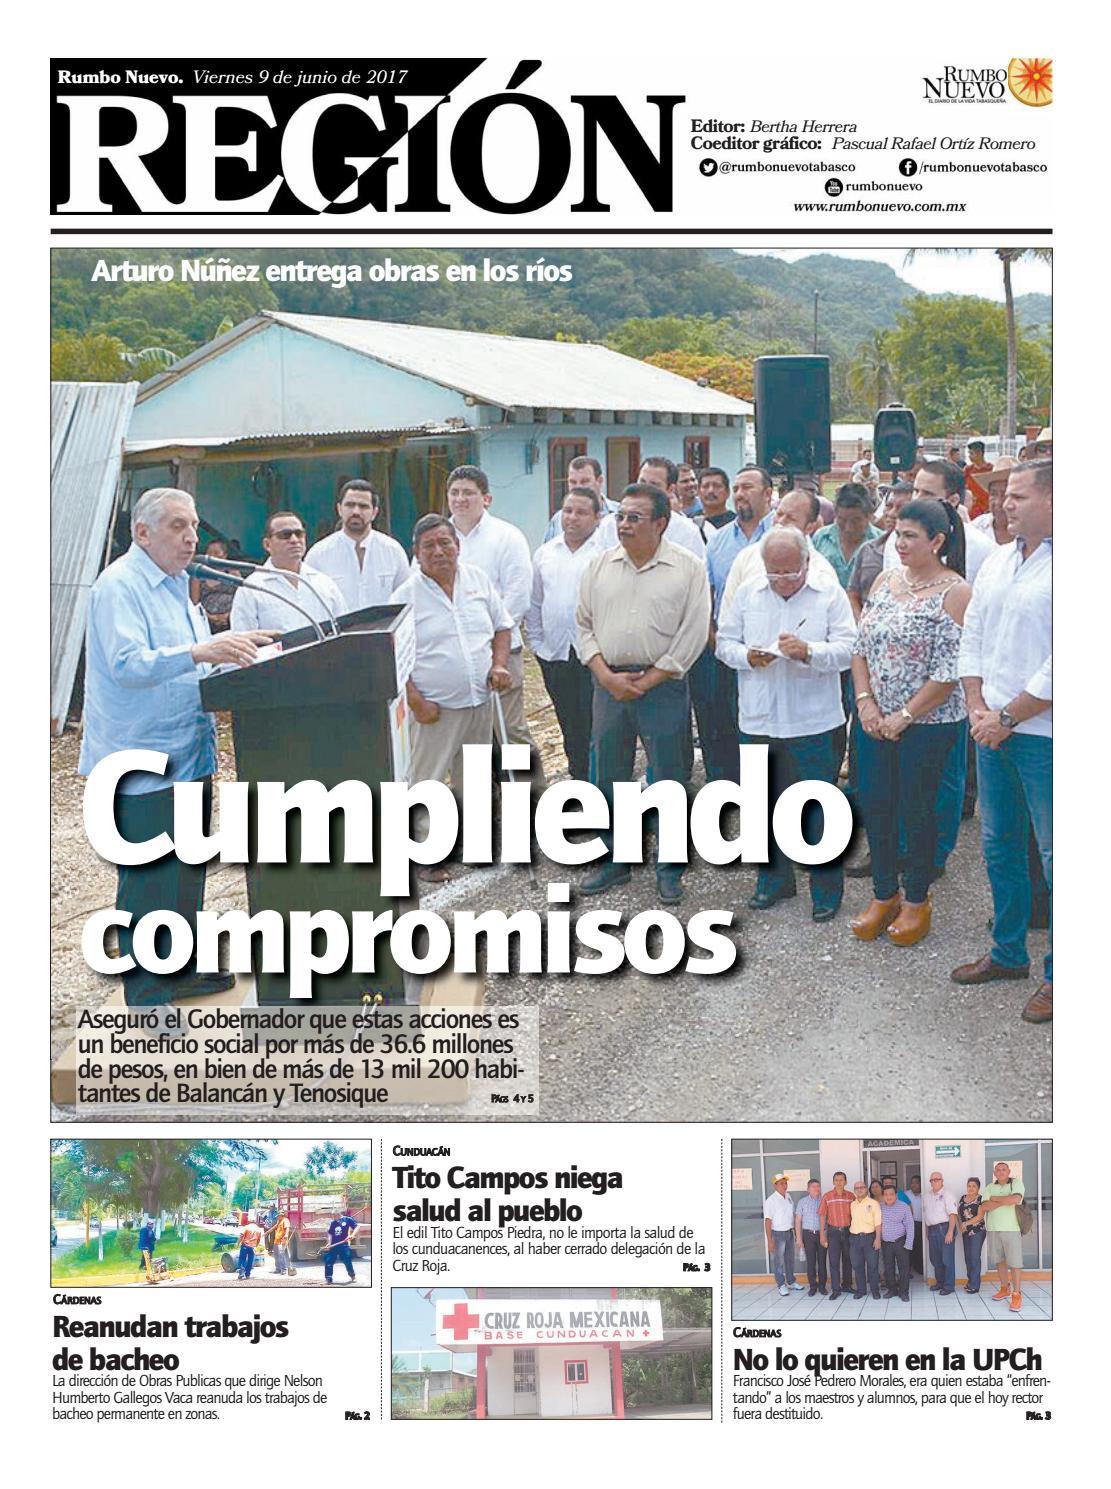 Región. Viernes 9 de junio de 2017 by Grupo Rumbo Nuevo - issuu